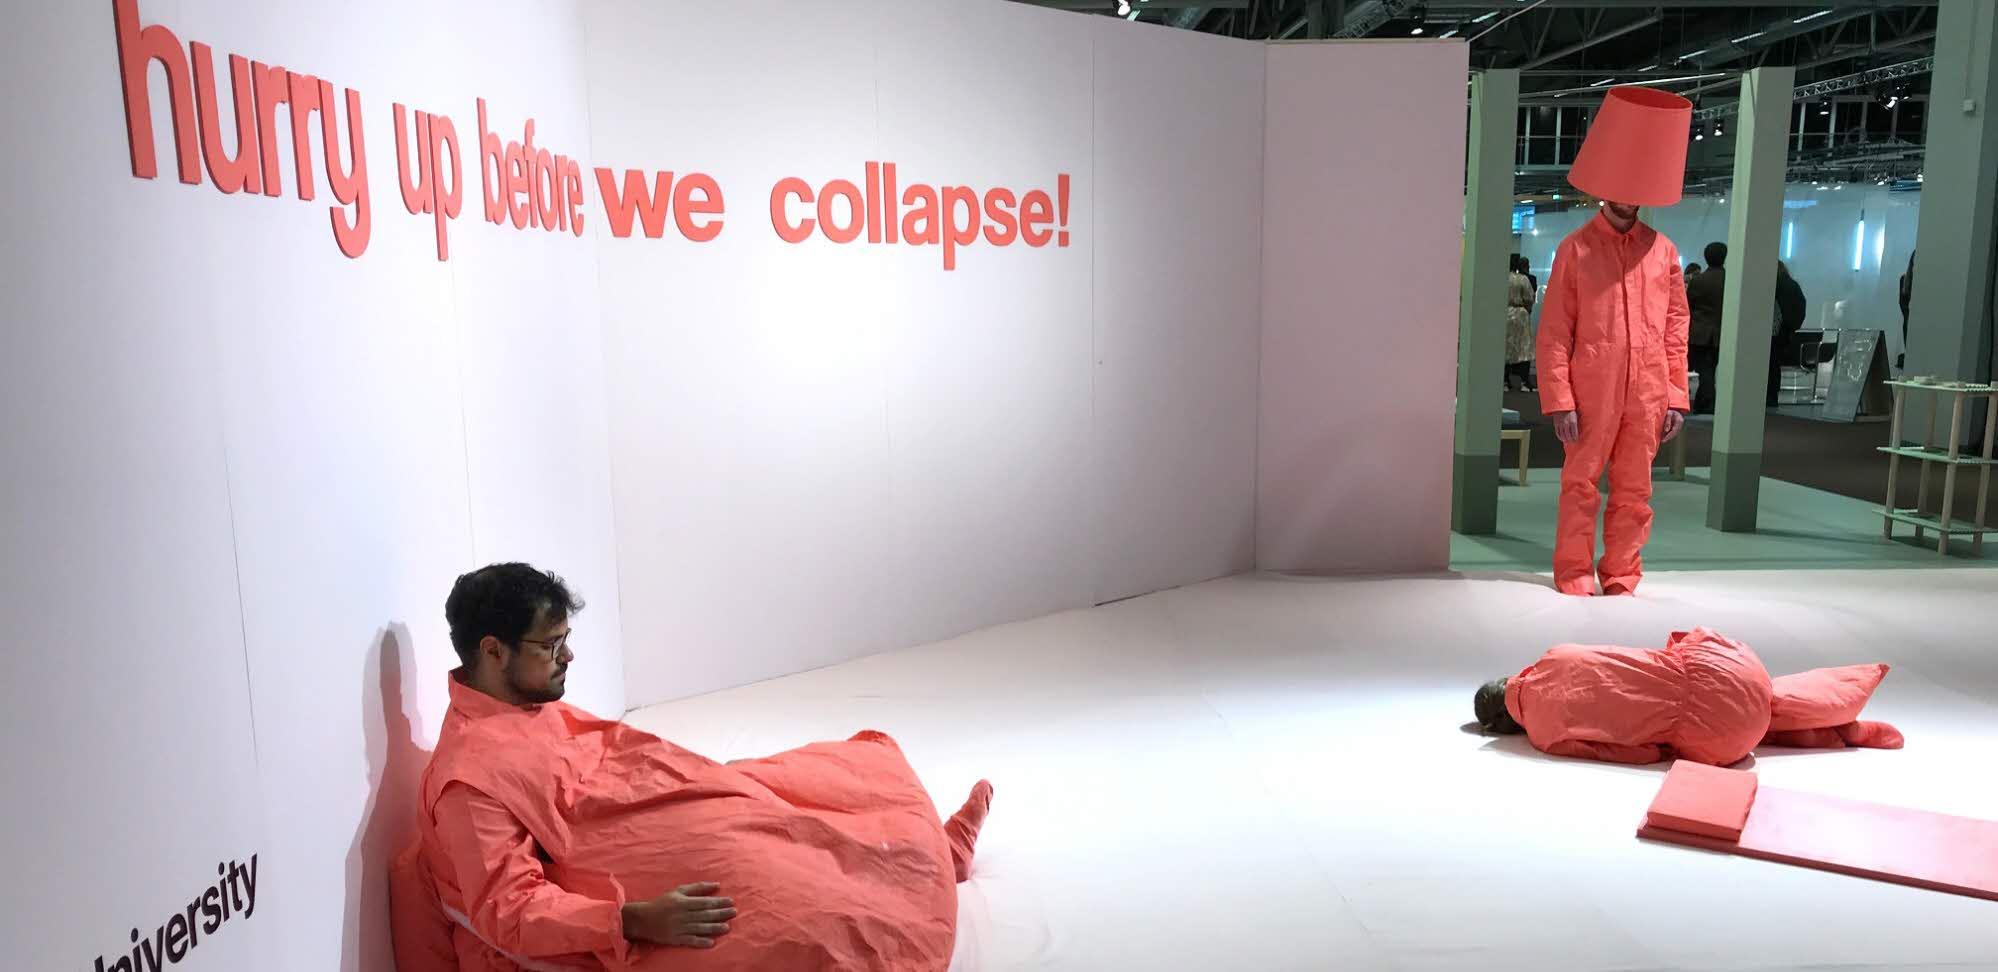 """Designutställningen """"Hurry up before we collapse"""" med mänskliga möbler"""